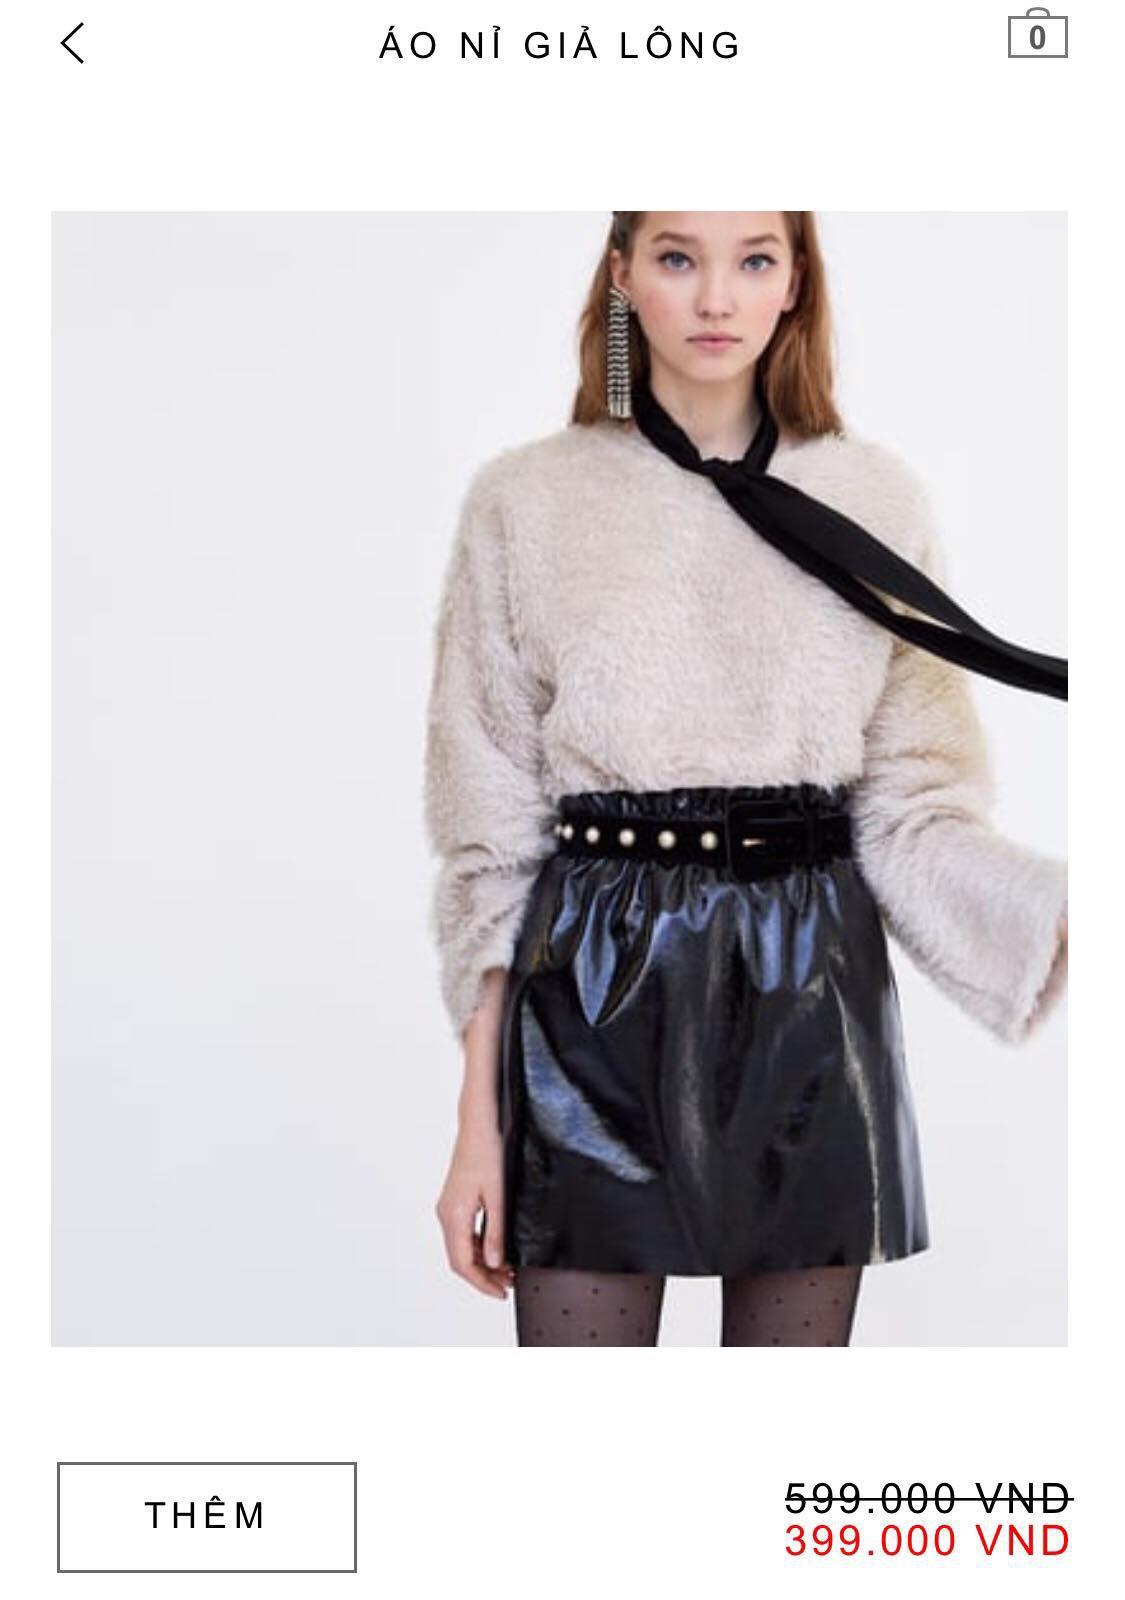 14 mẫu áo len, áo nỉ dưới 500.000 VNĐ xinh xắn, trendy đáng sắm nhất đợt sale này của Zara - Ảnh 1.